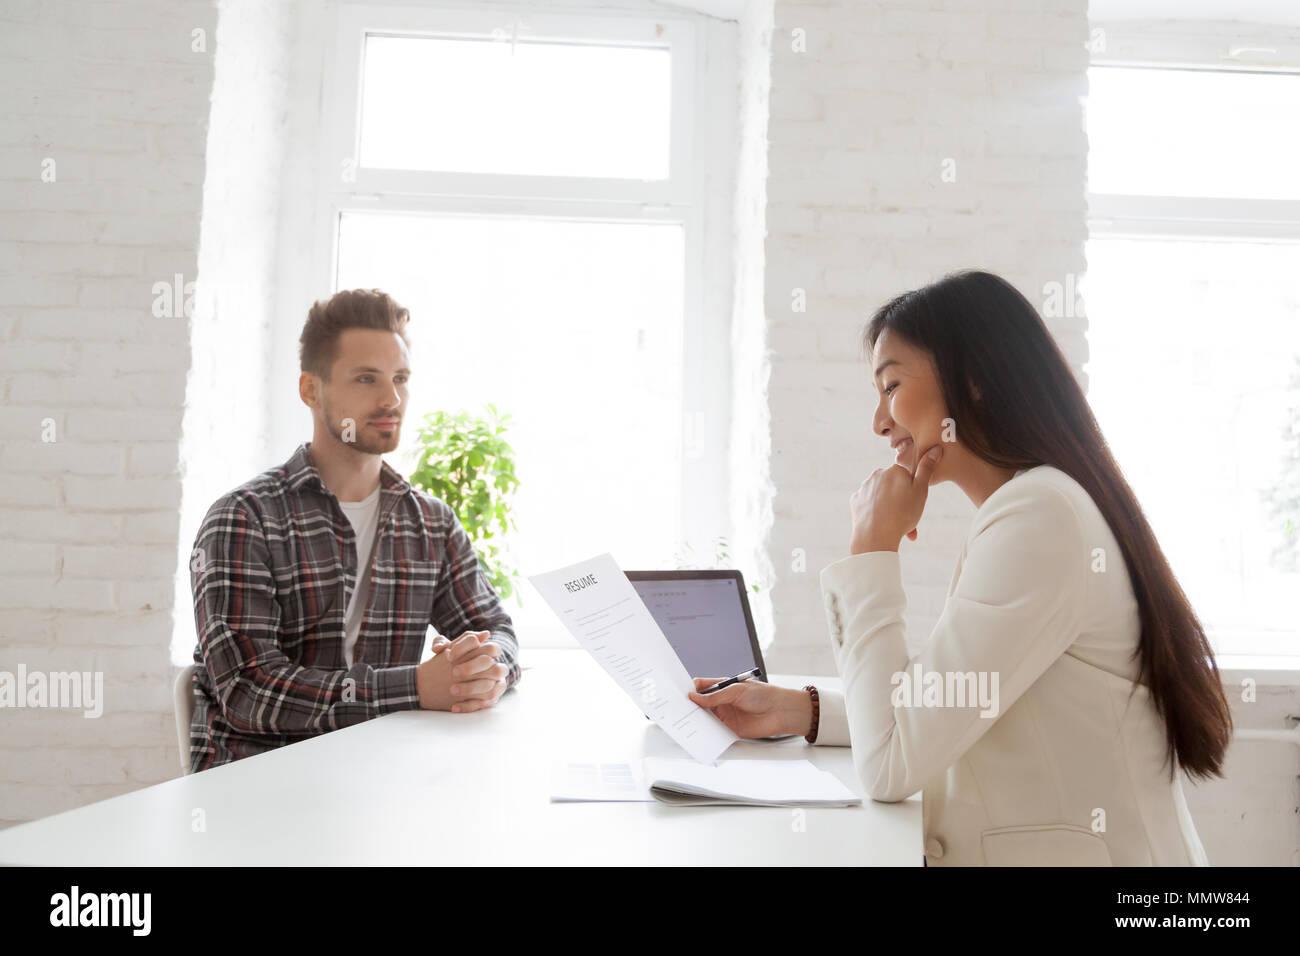 Sorridente lettura hr riprendere al colloquio di lavoro con gravi candidat Immagini Stock